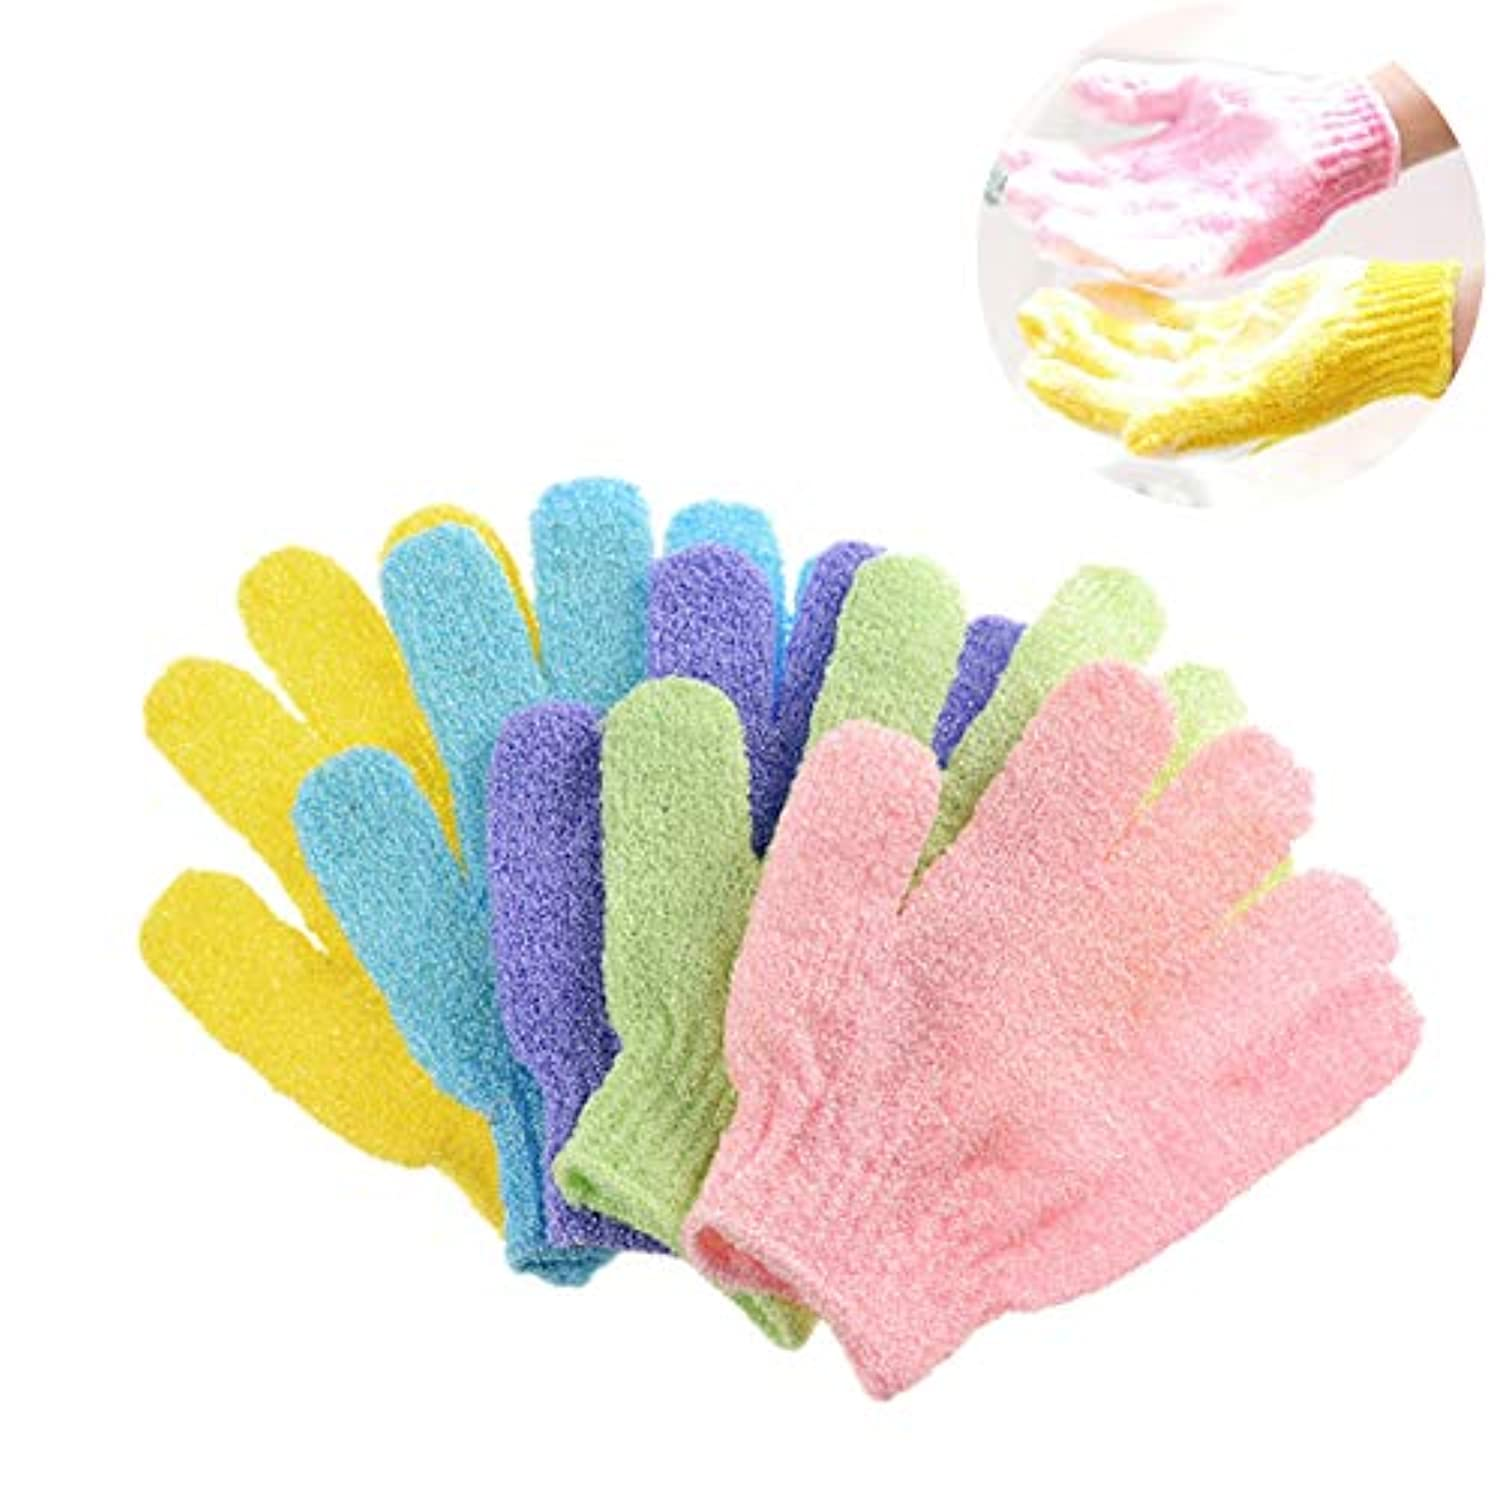 ユーモア程度契約するKingsie 浴用手袋 10枚セット(5ペア) ボディウォッシュ手袋 お風呂手袋 角質除去 角質取り 泡立ち 垢すり グローブ